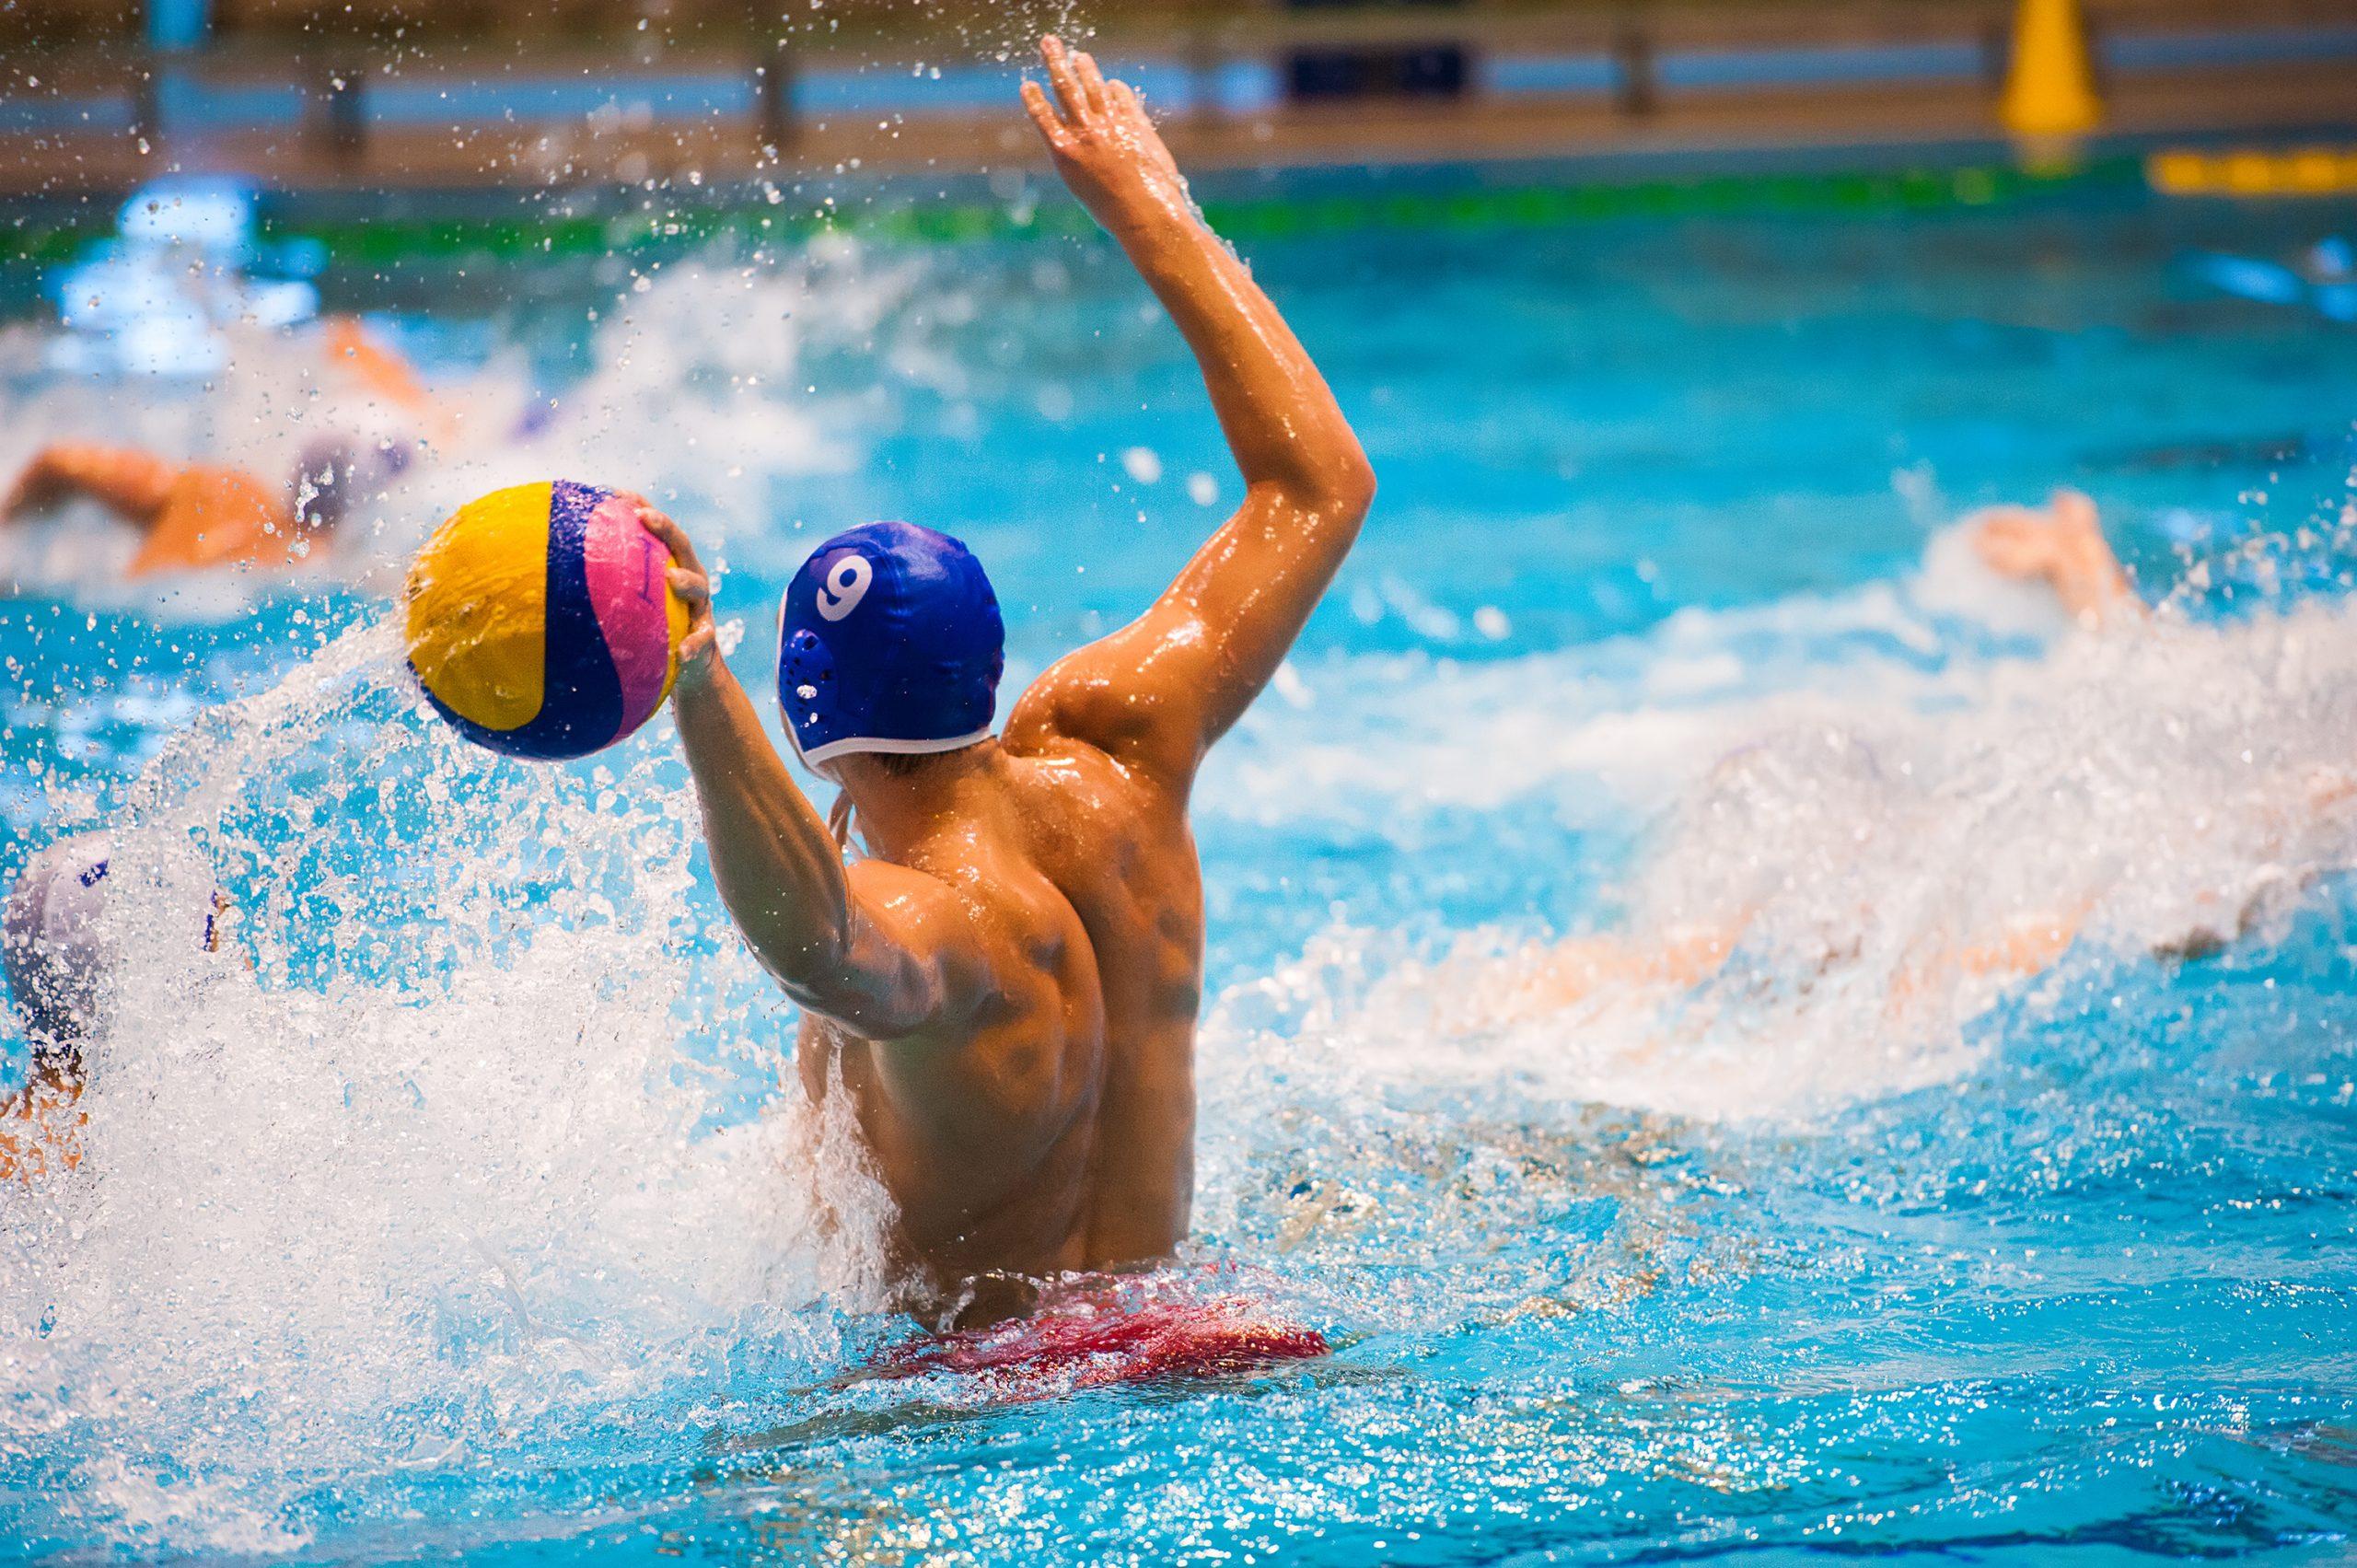 Šport Vodné pólo